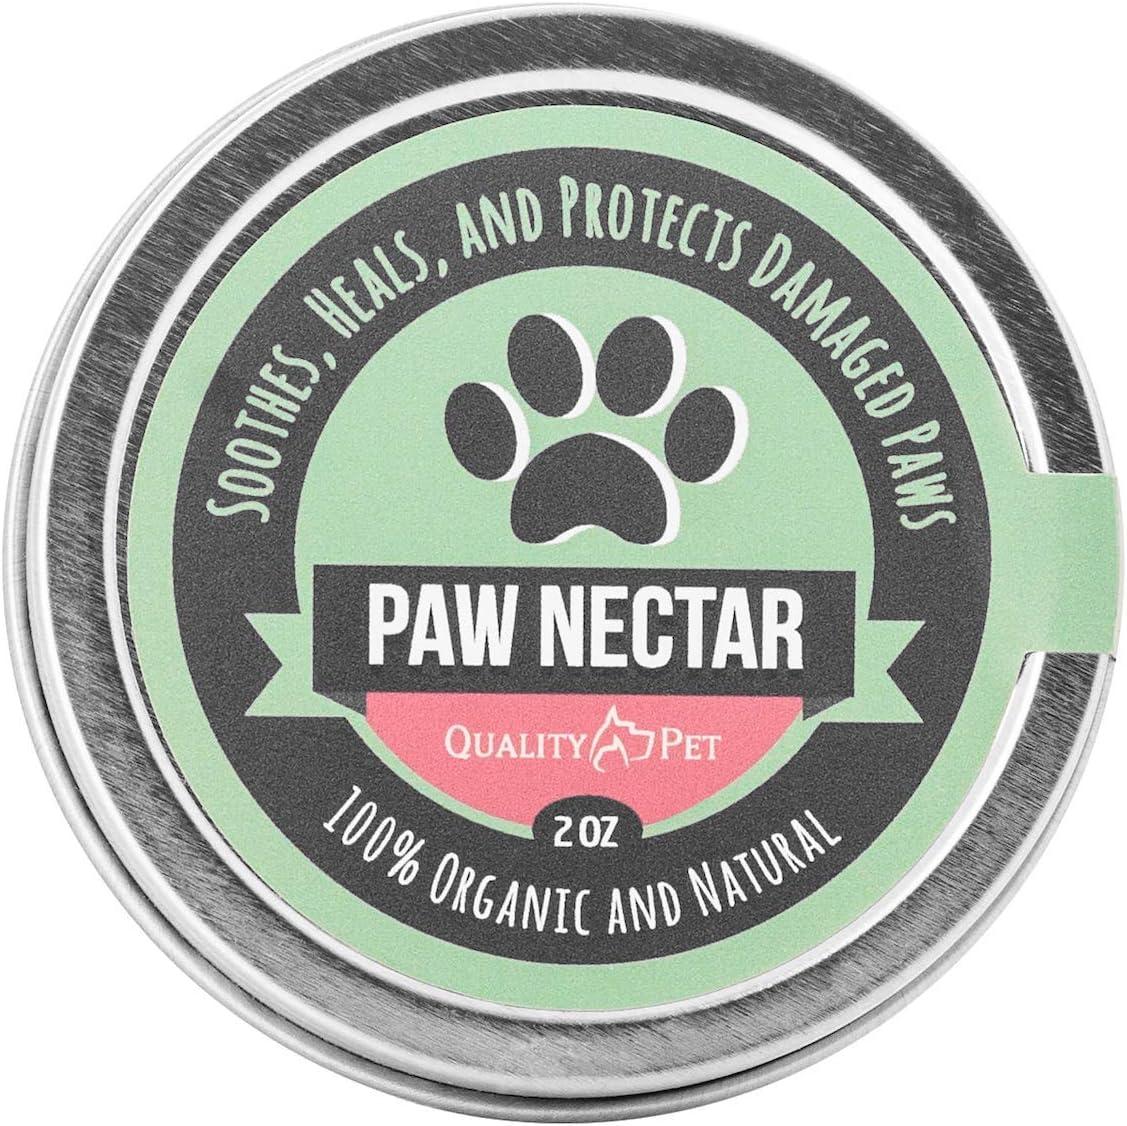 Paw Nectar Dog Paw Wax